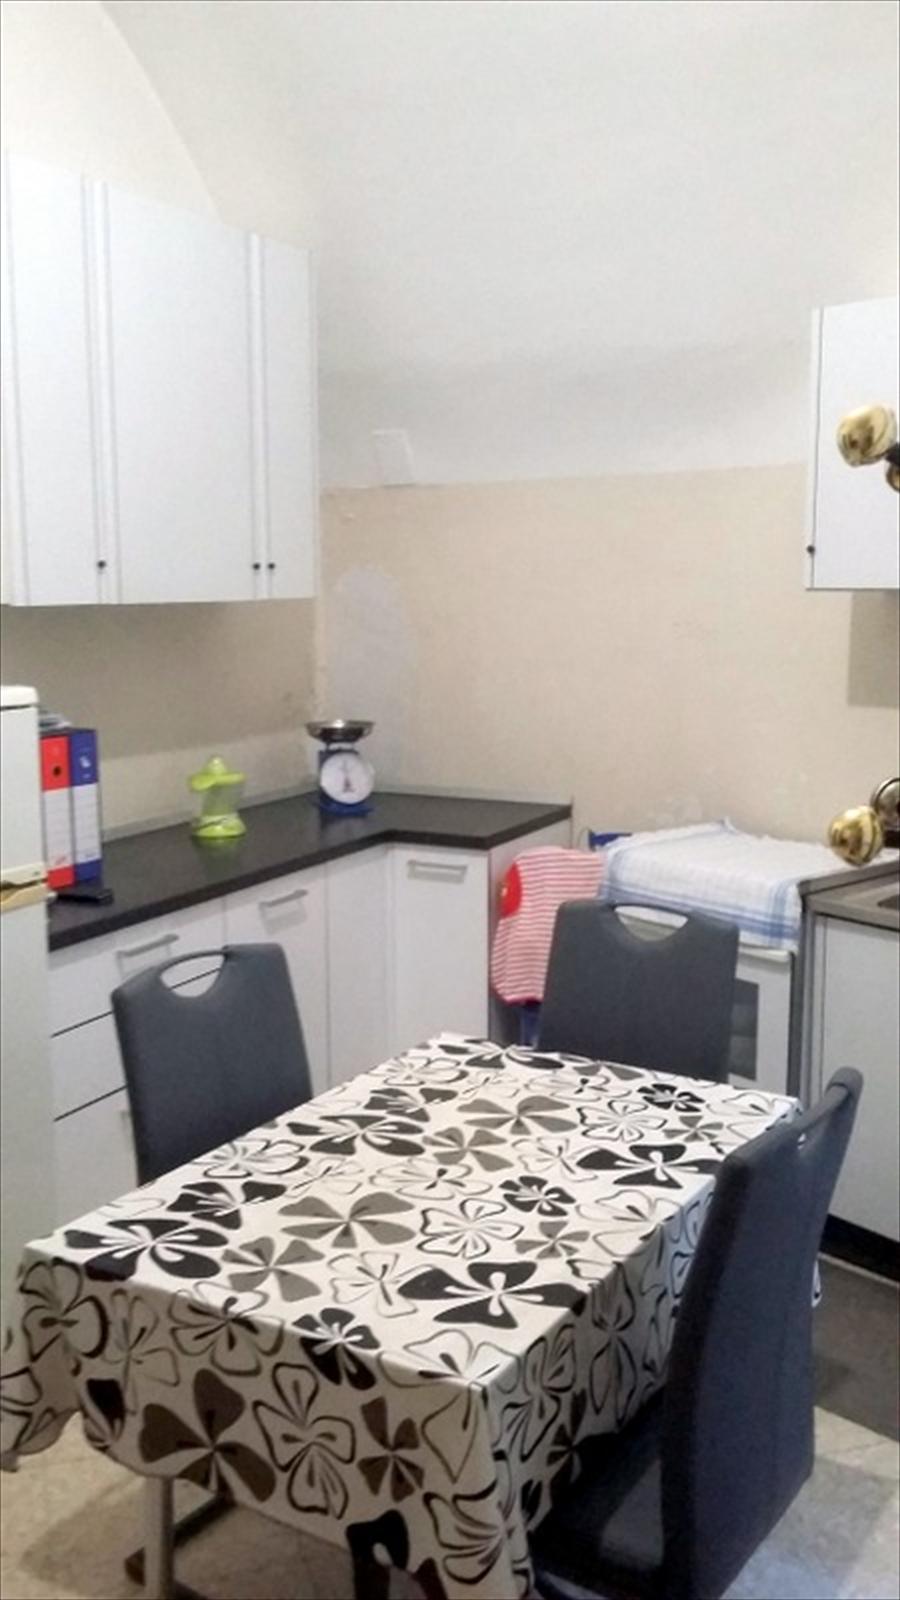 Appartamento in vendita a Gravina in Puglia, 3 locali, prezzo € 45.000 | CambioCasa.it